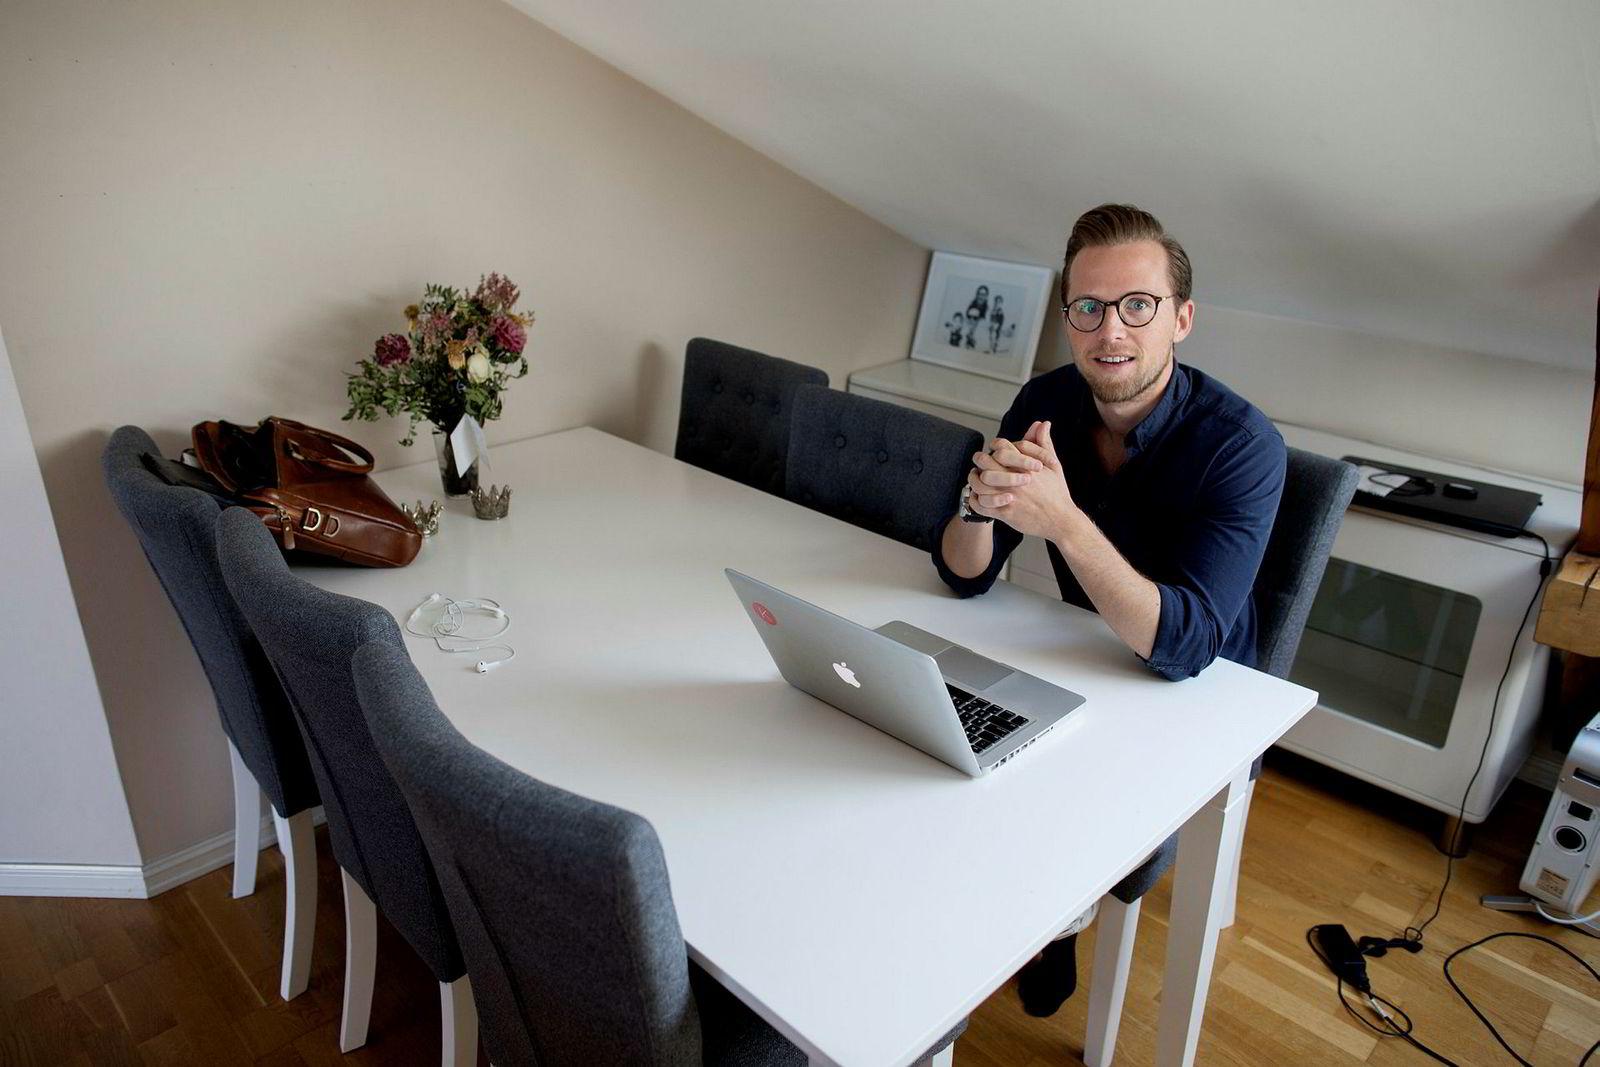 Slik sitter Krister Koen (29) når han utvikler gründerbedriften Bolink hjemme i leiligheten på Grünerløkka.